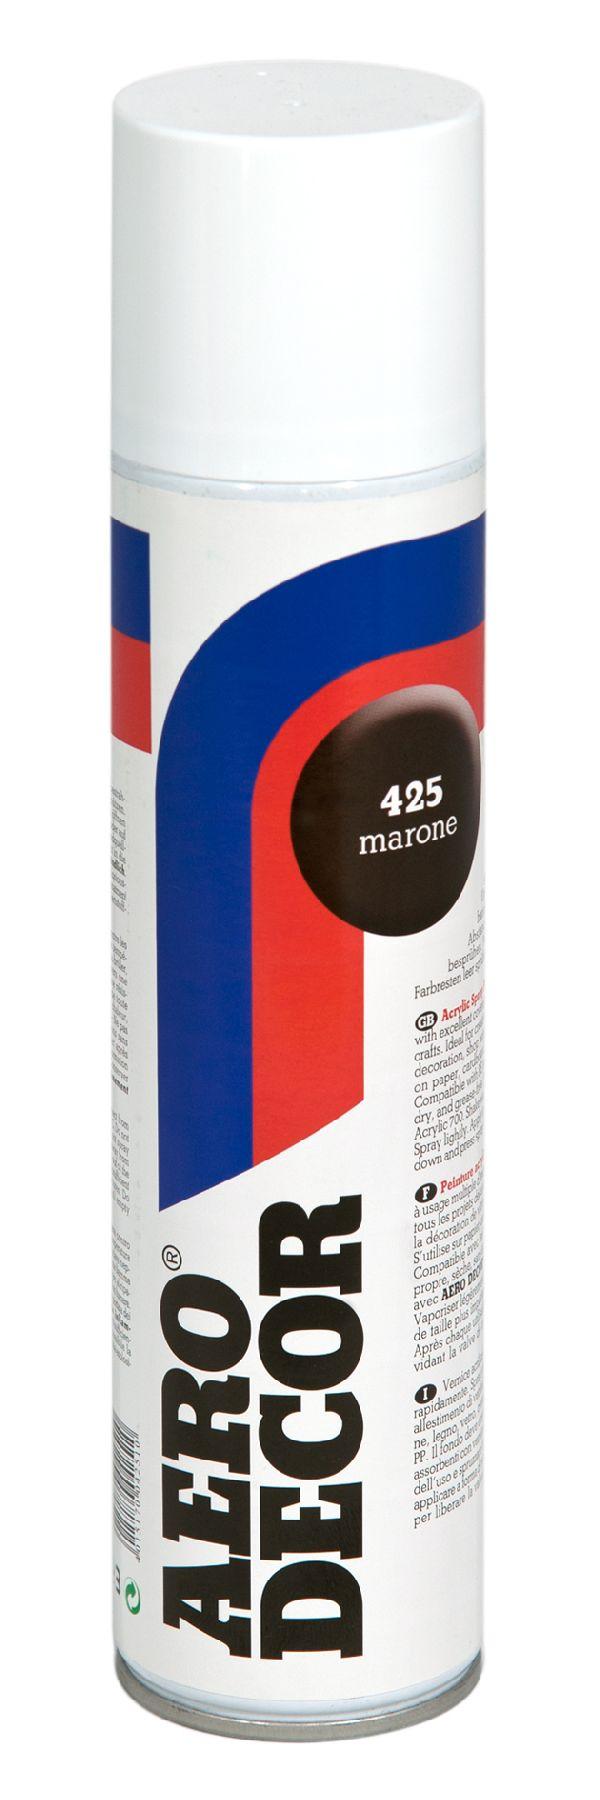 Colorspray, Farbspray MARONE 425 (braun) 400 ml *